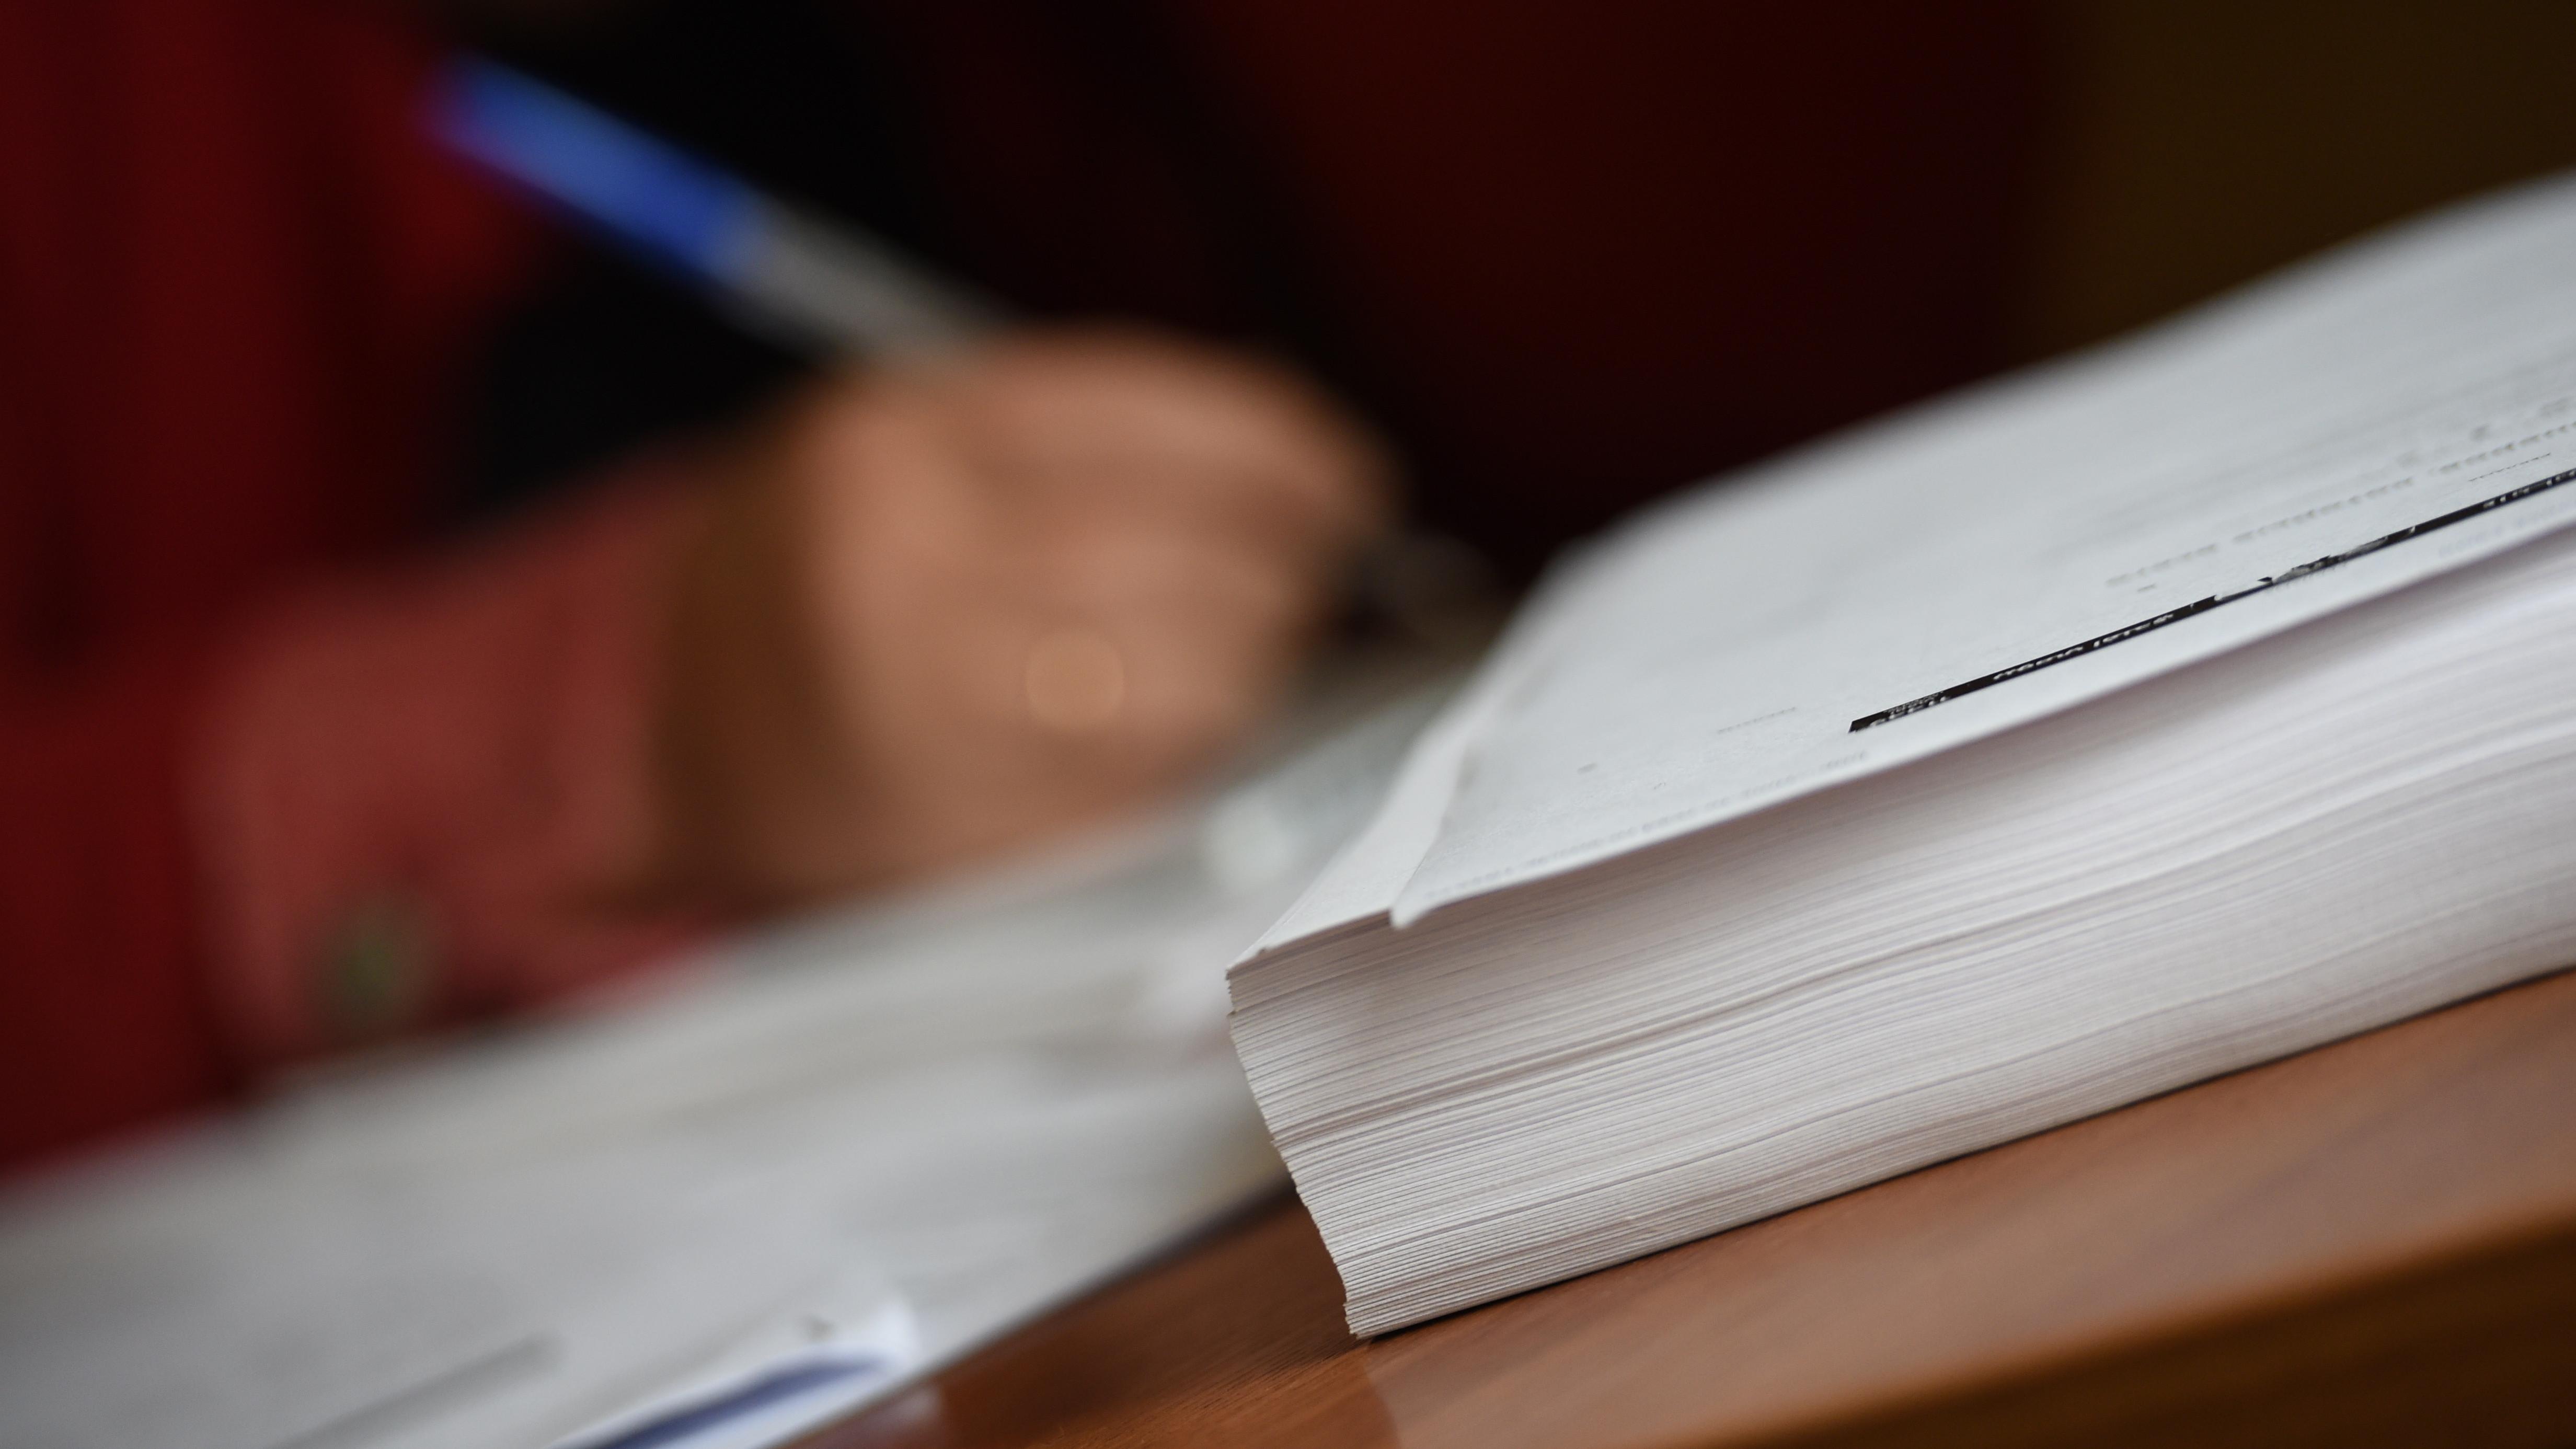 Правила проведения электронного аукциона нарушили в Сергиево-Посадском округе